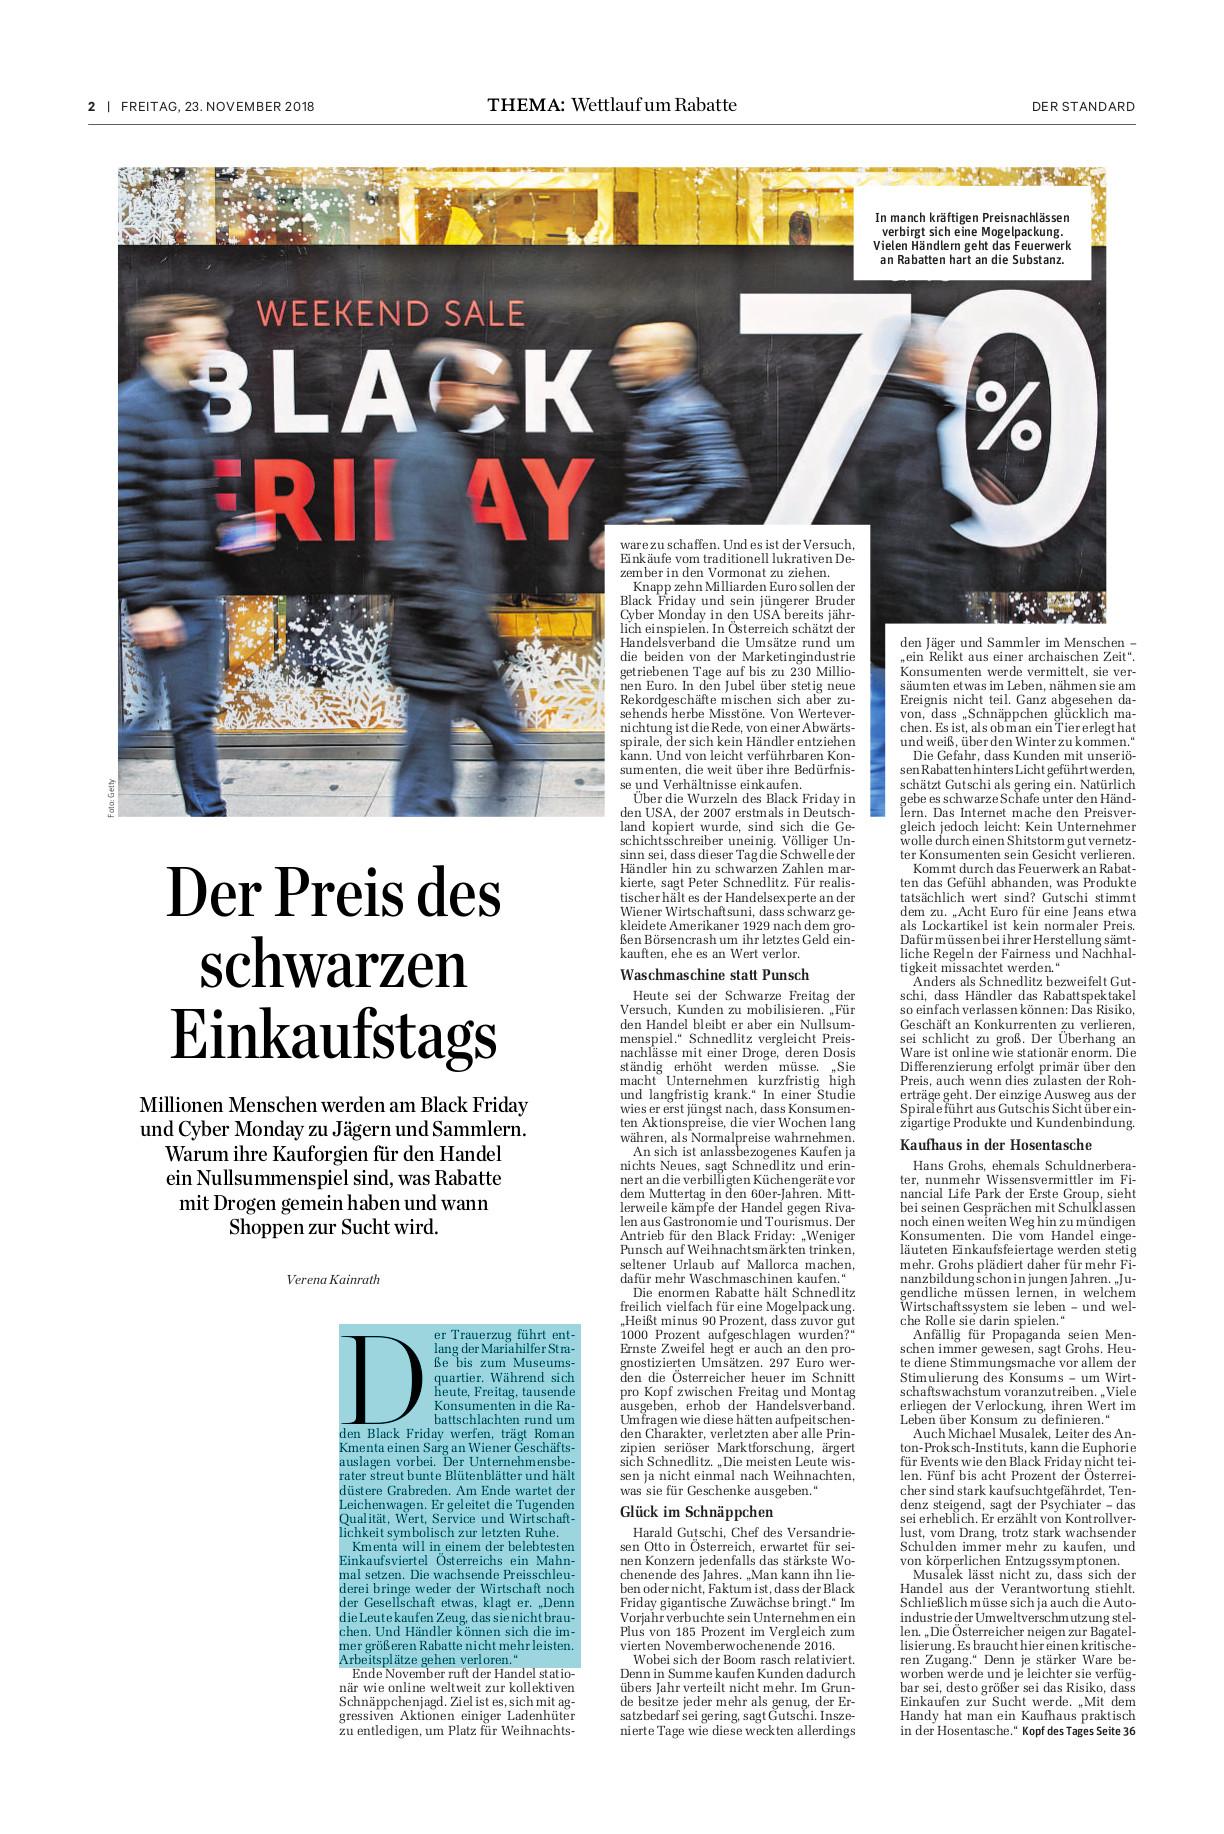 Trauerzug zum Black Friday - Preisexperte Mag. Roman Kmenta - Der Standard - 23.11.2018